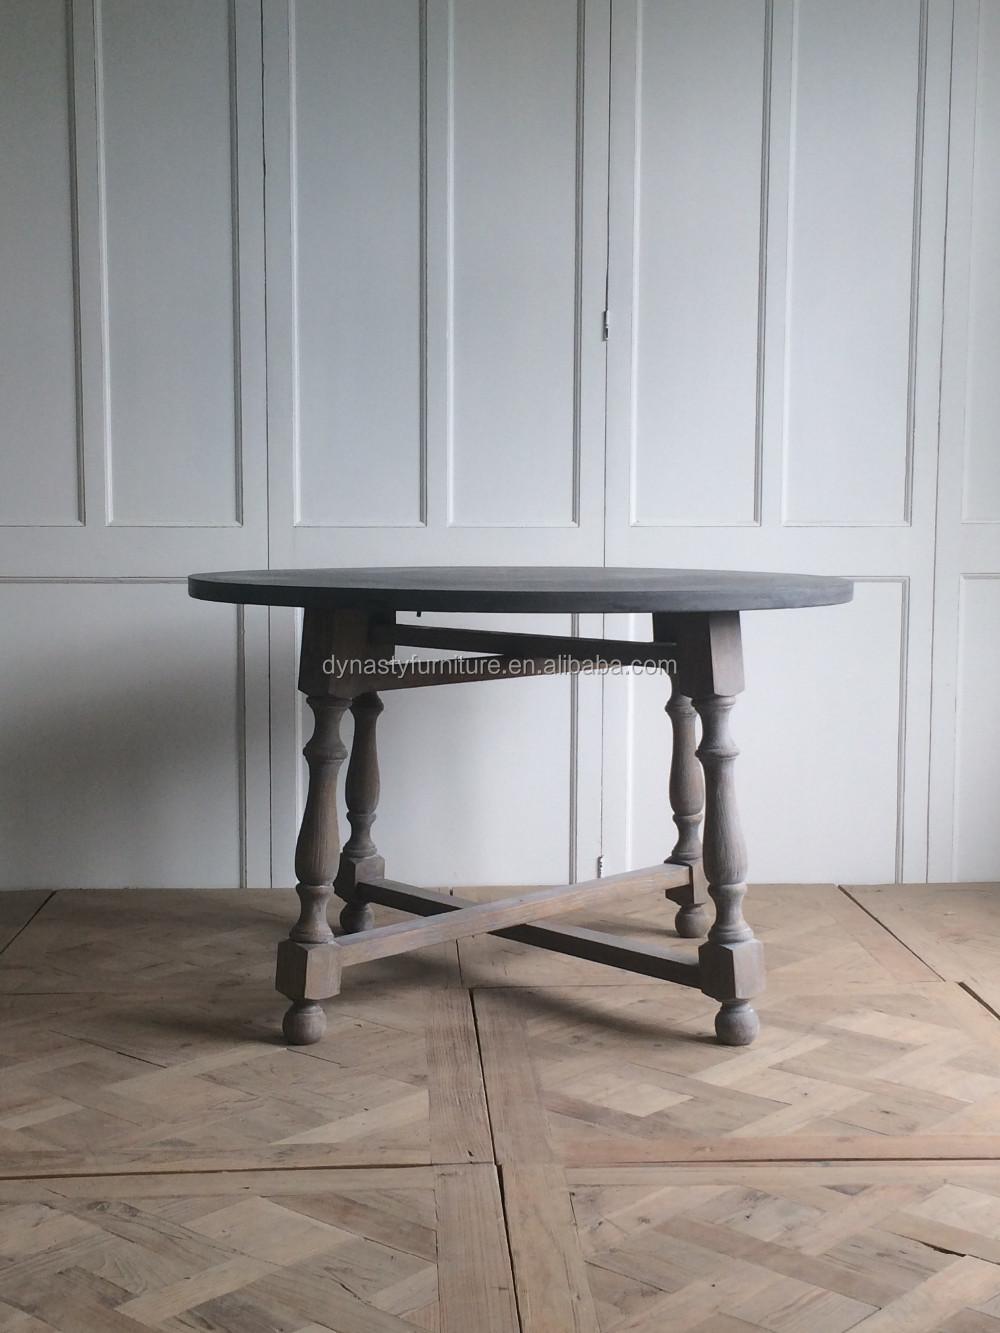 Venta al por mayor muebles de jardin rusticos de madera-Compre ...